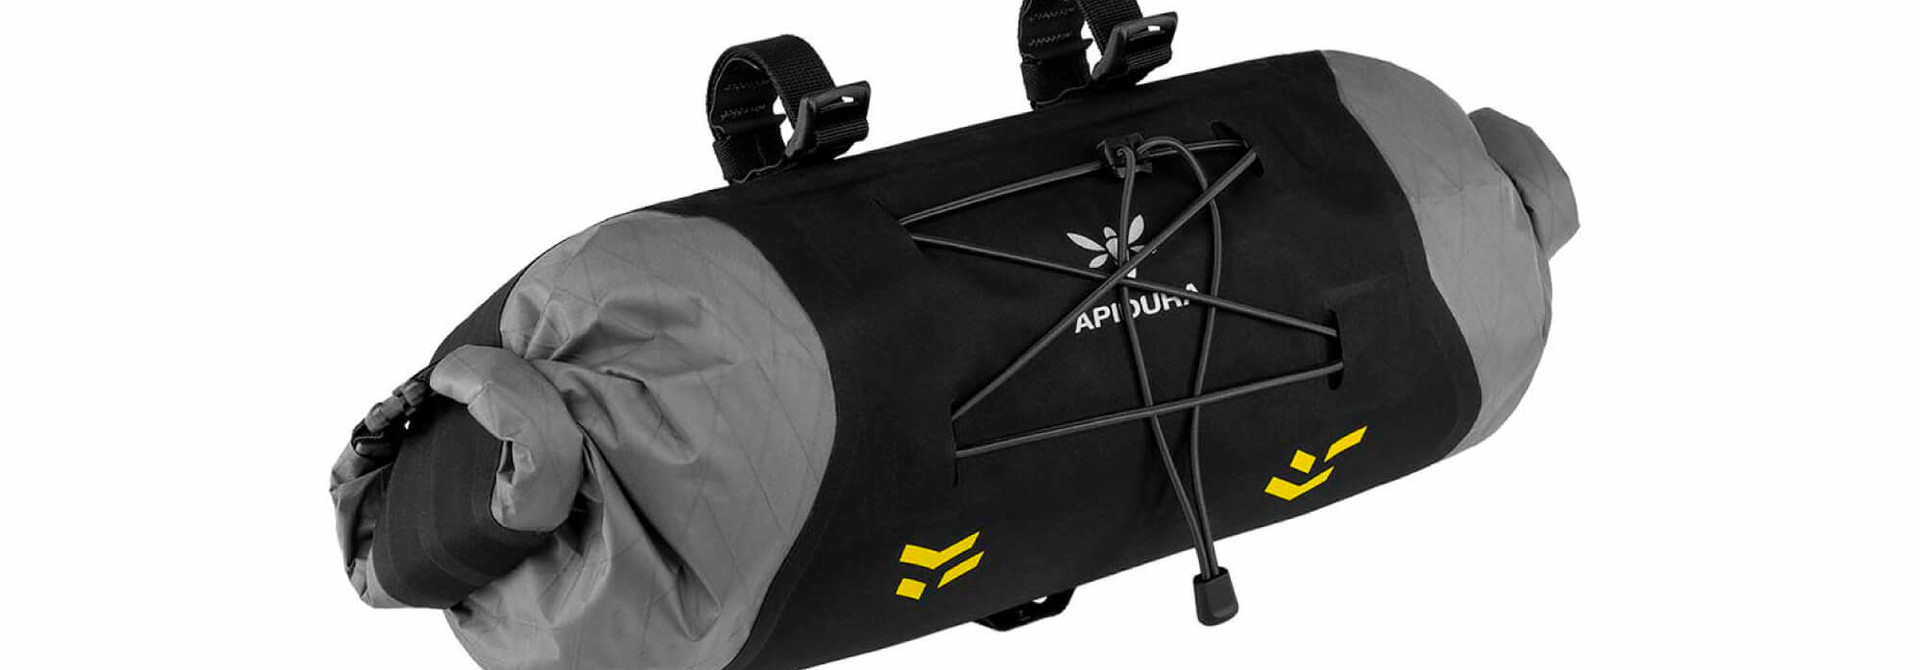 Backcountry2 Handlebar Pack 7 L